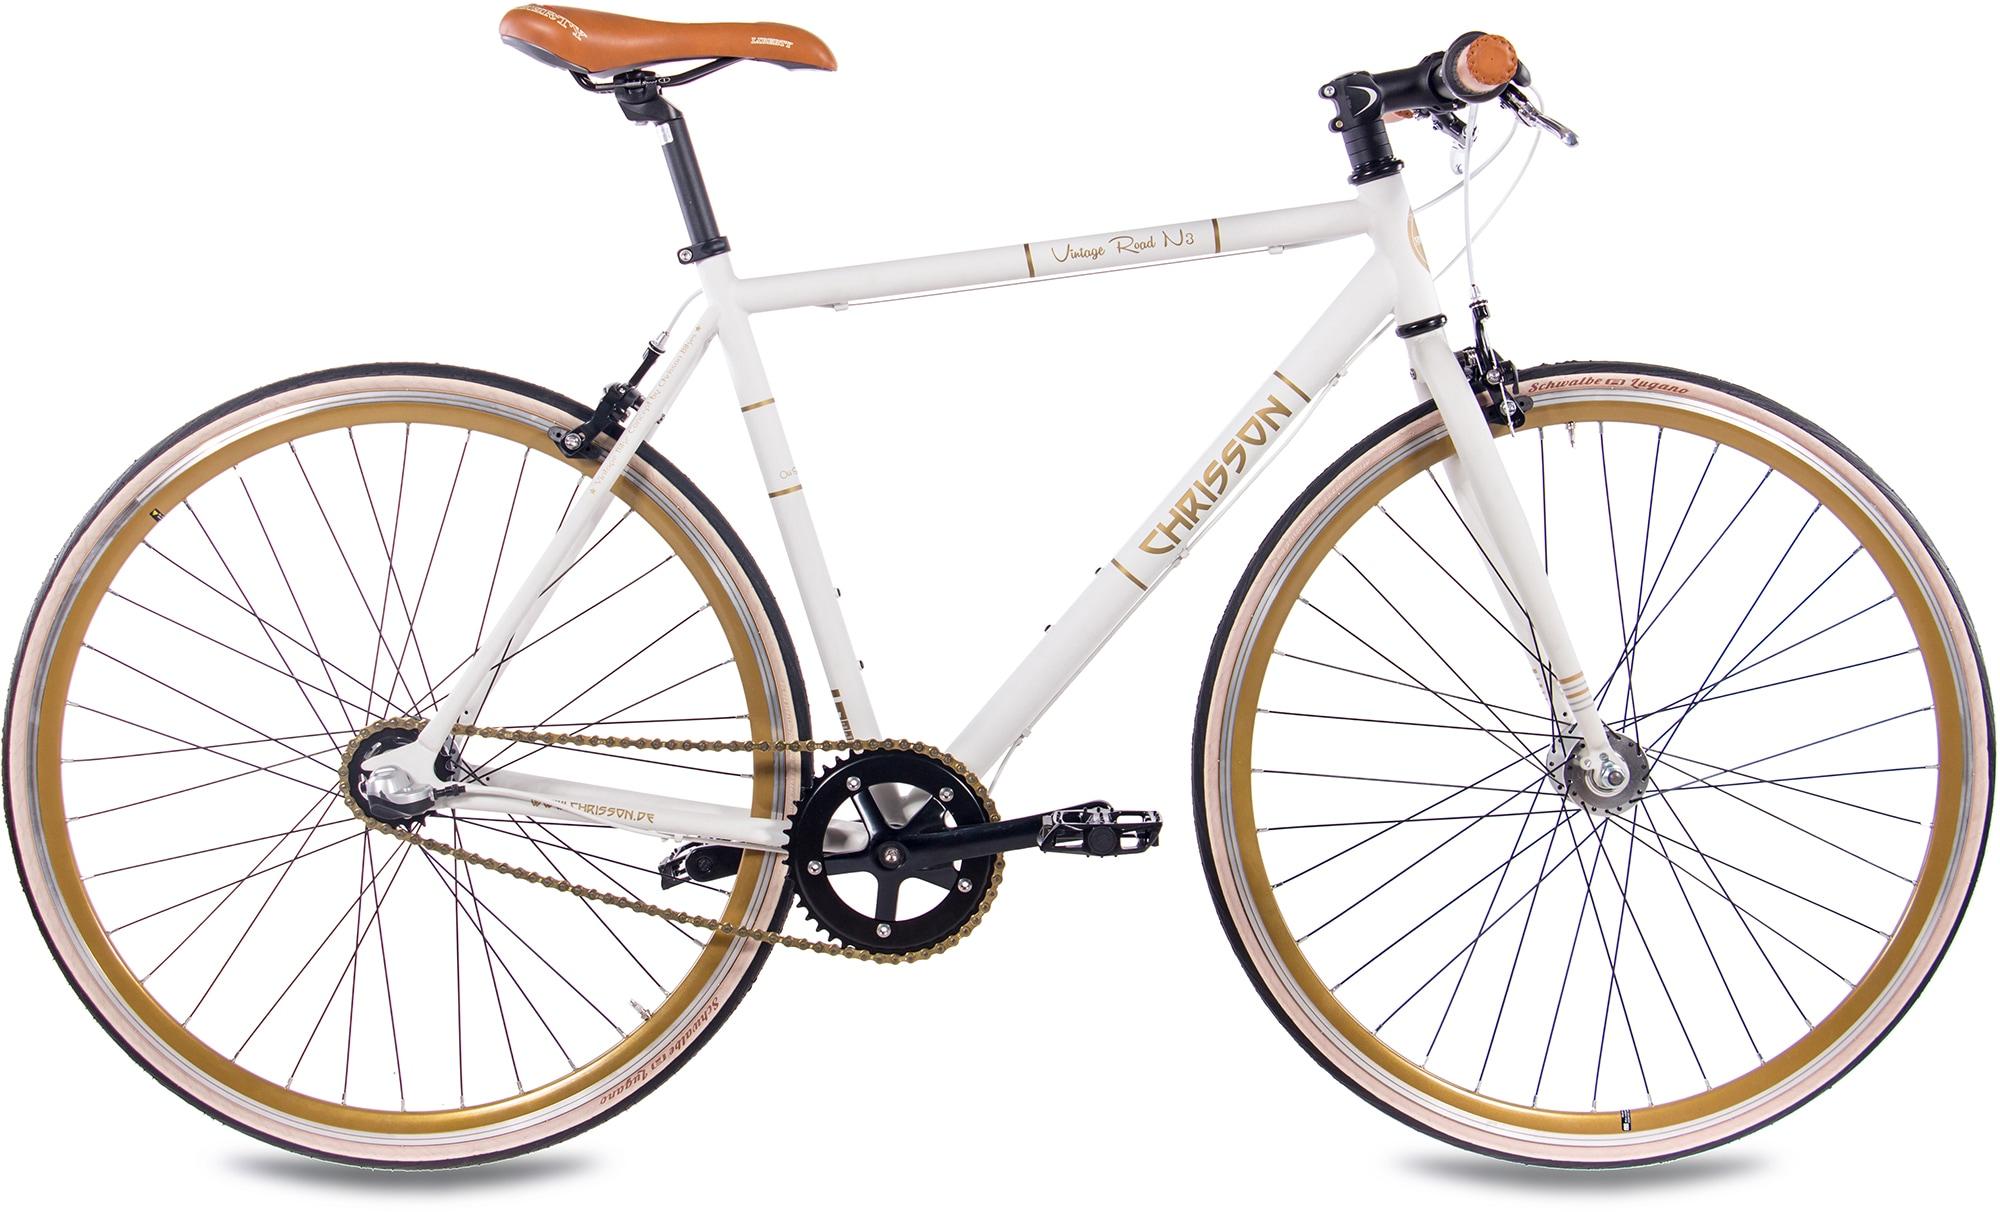 Chrisson Urbanbike Vintage Road N3, Nabenschaltung, (1 tlg.) weiß Crossräder Fahrräder Zubehör Fahrrad